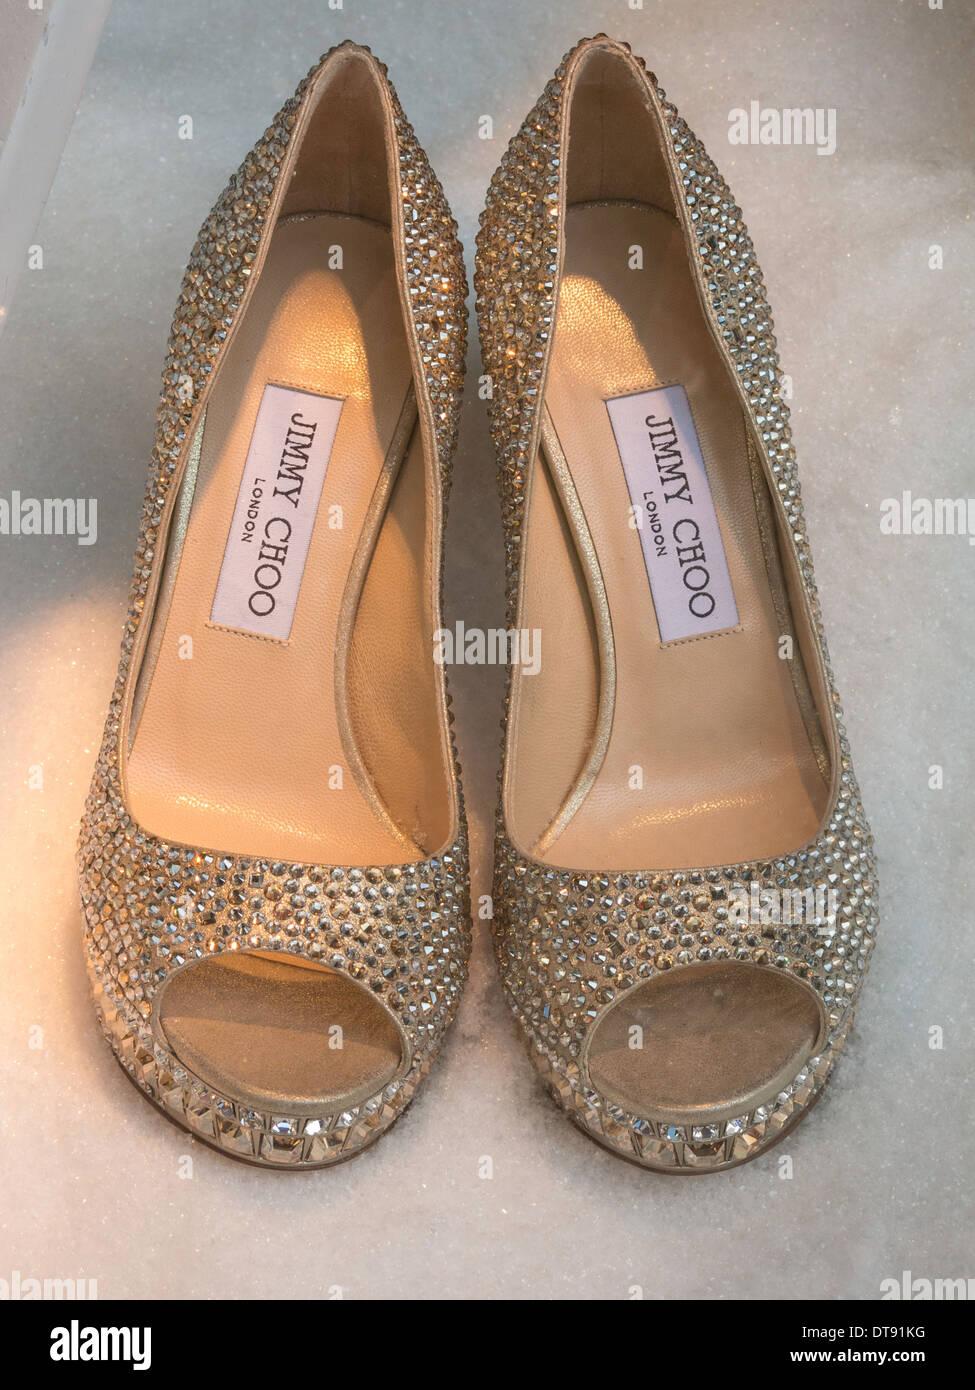 Coppia di Jimmy Choo tacco alto scarpe, Saks, NYC, STATI UNITI D'AMERICA Immagini Stock